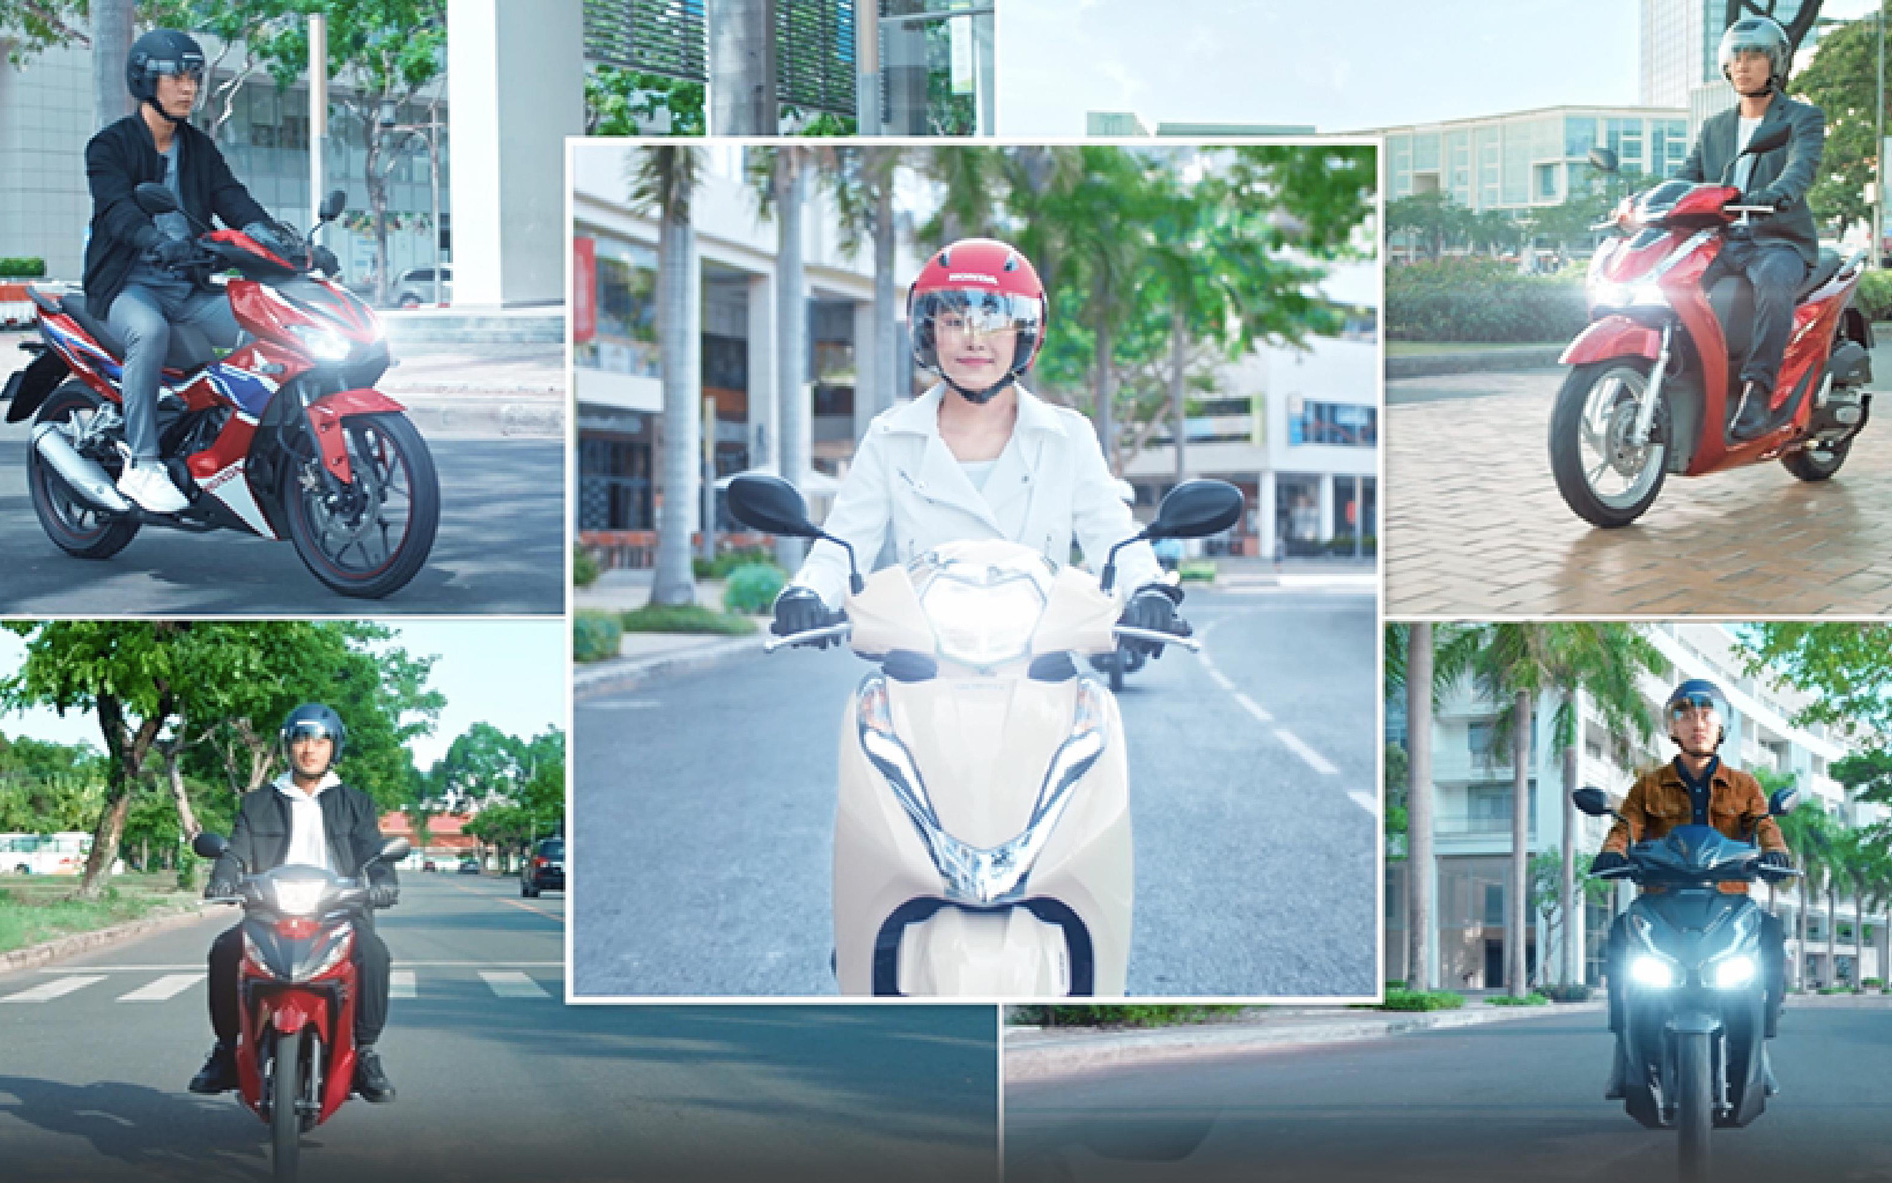 Đèn nhận diện ban ngày, xu hướng dần trở nên phổ biến tại Việt Nam